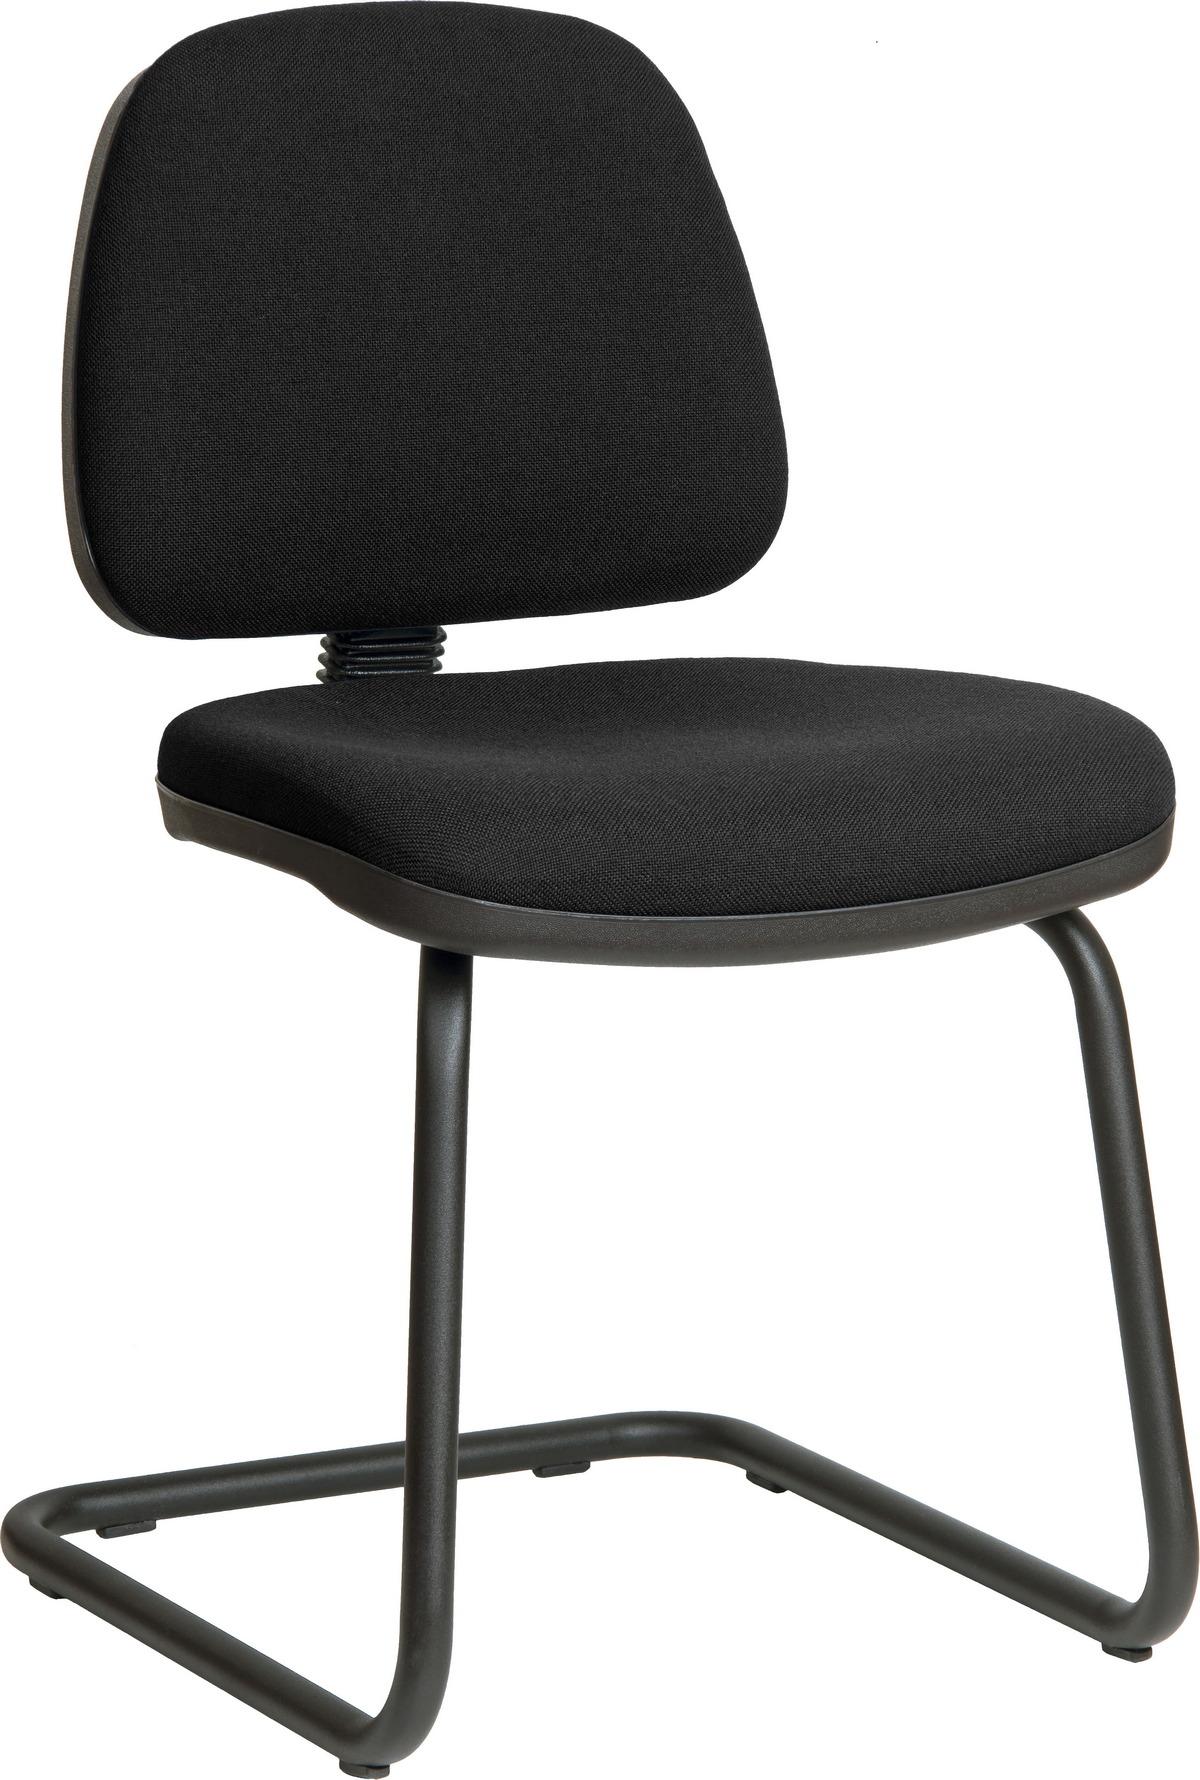 Naturl Ergonomic fice Chairs